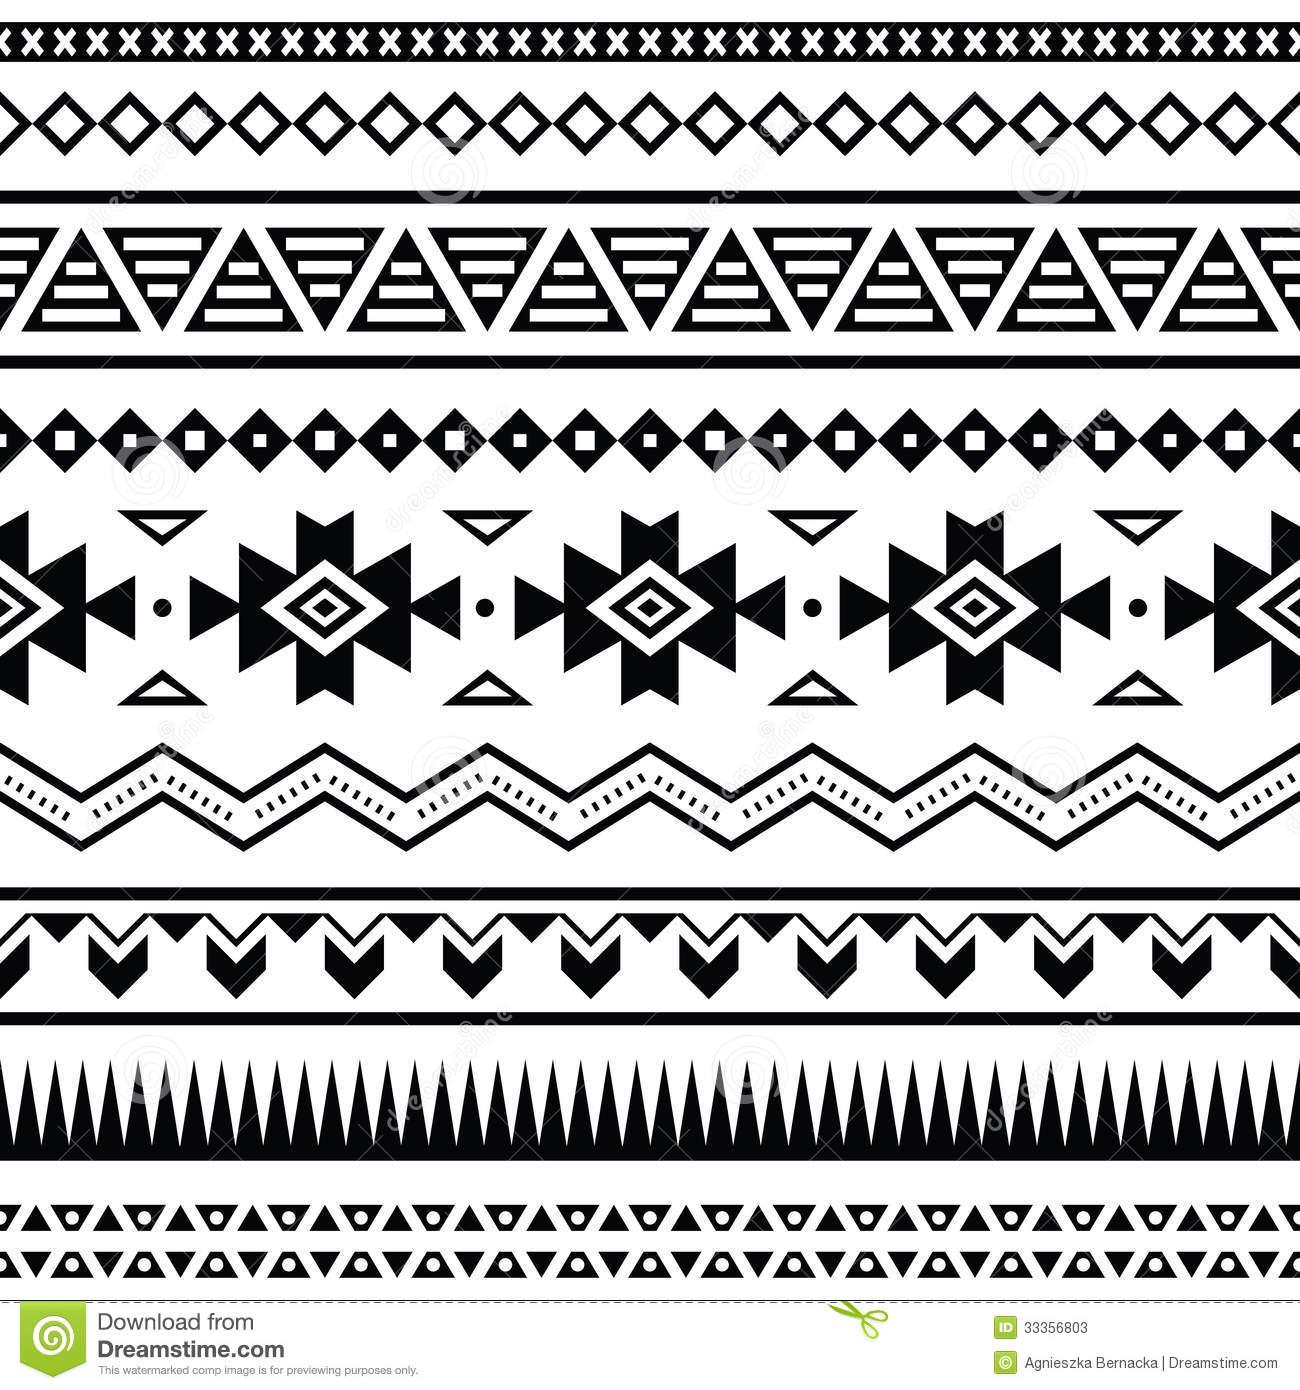 Aztec Warrior clipart border  Aztec crafty Download border